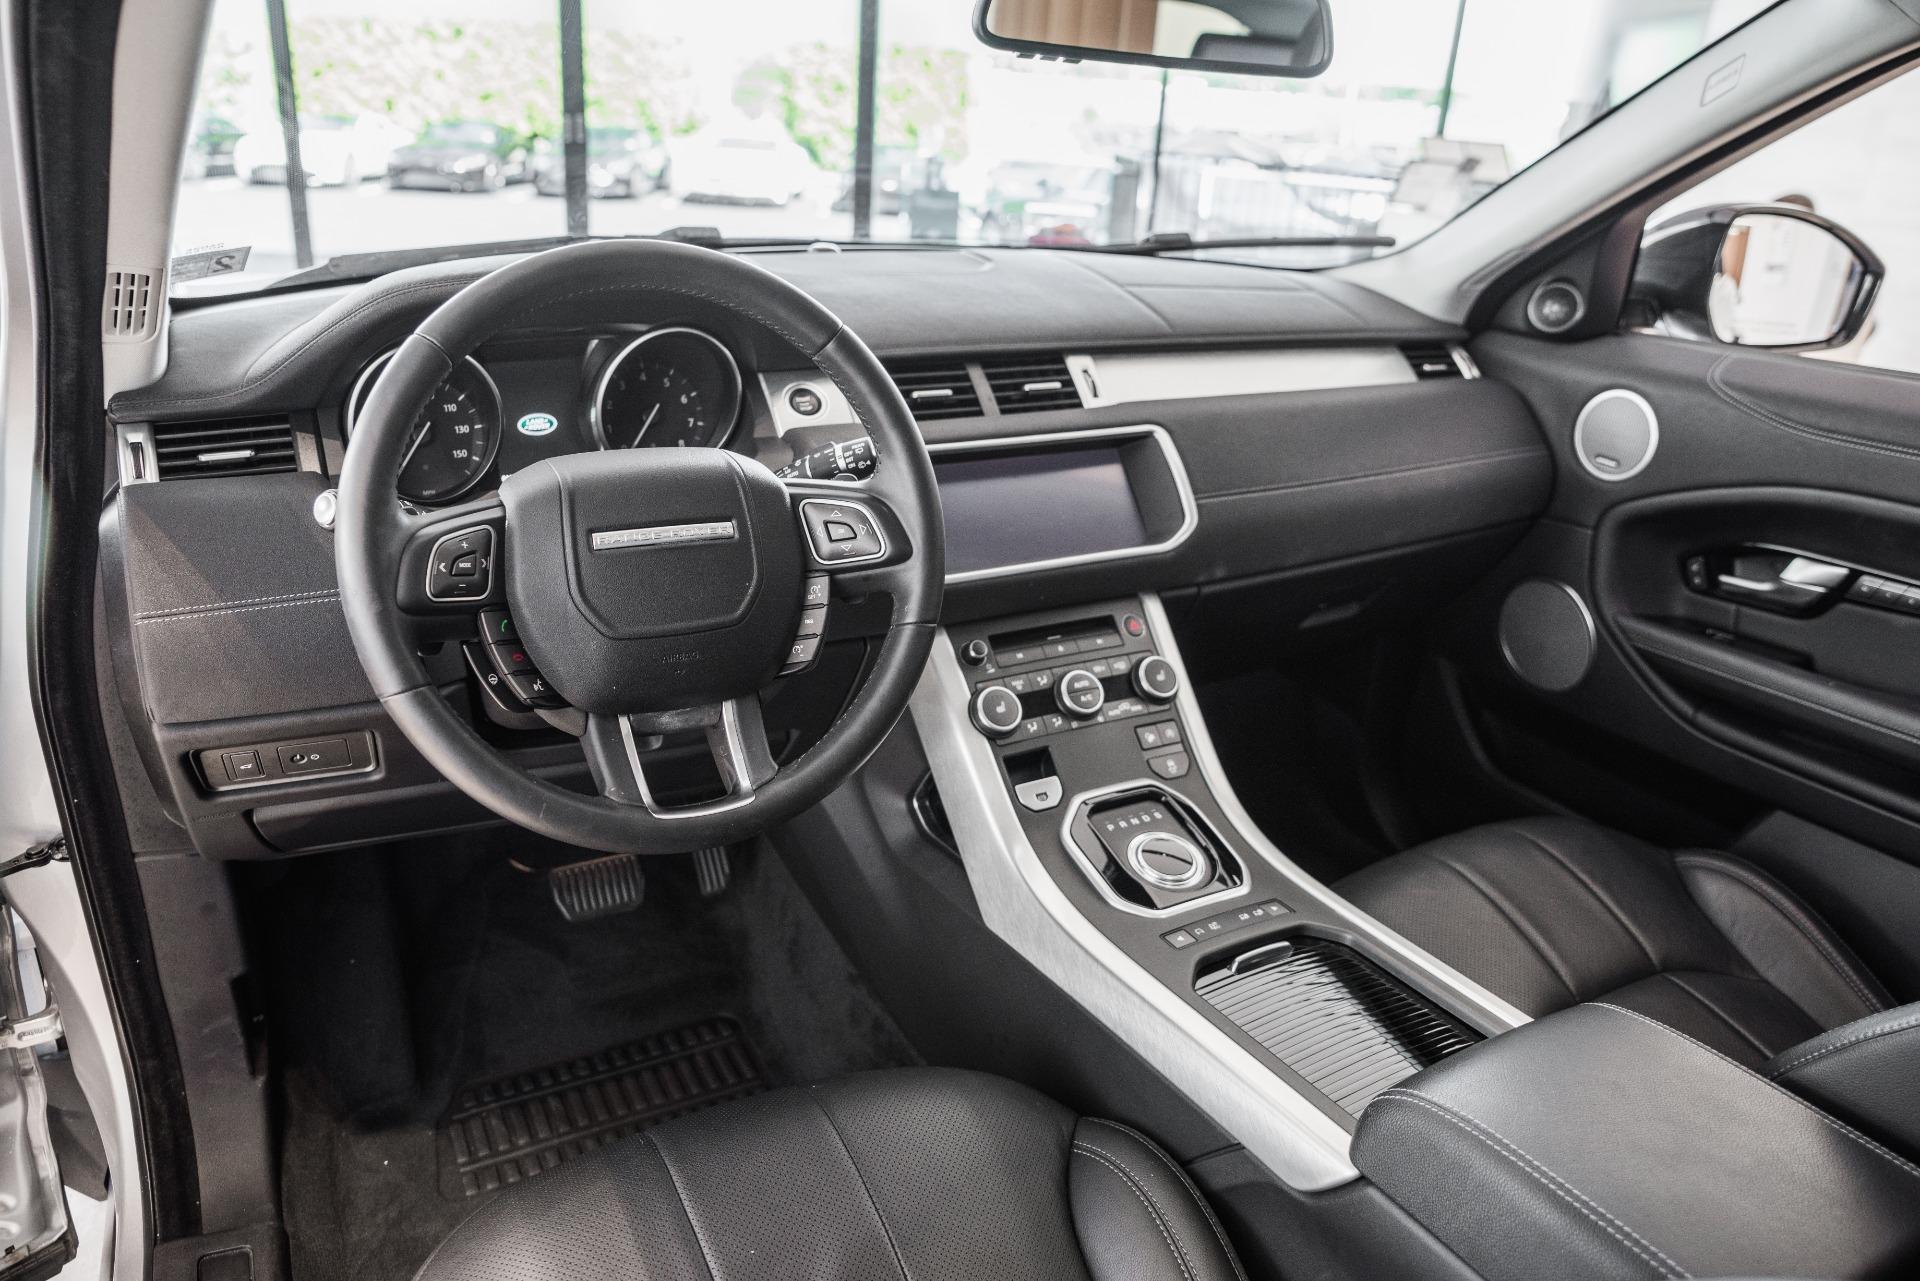 Used-2017-Land-Rover-Range-Rover-Evoque-SE-Premium